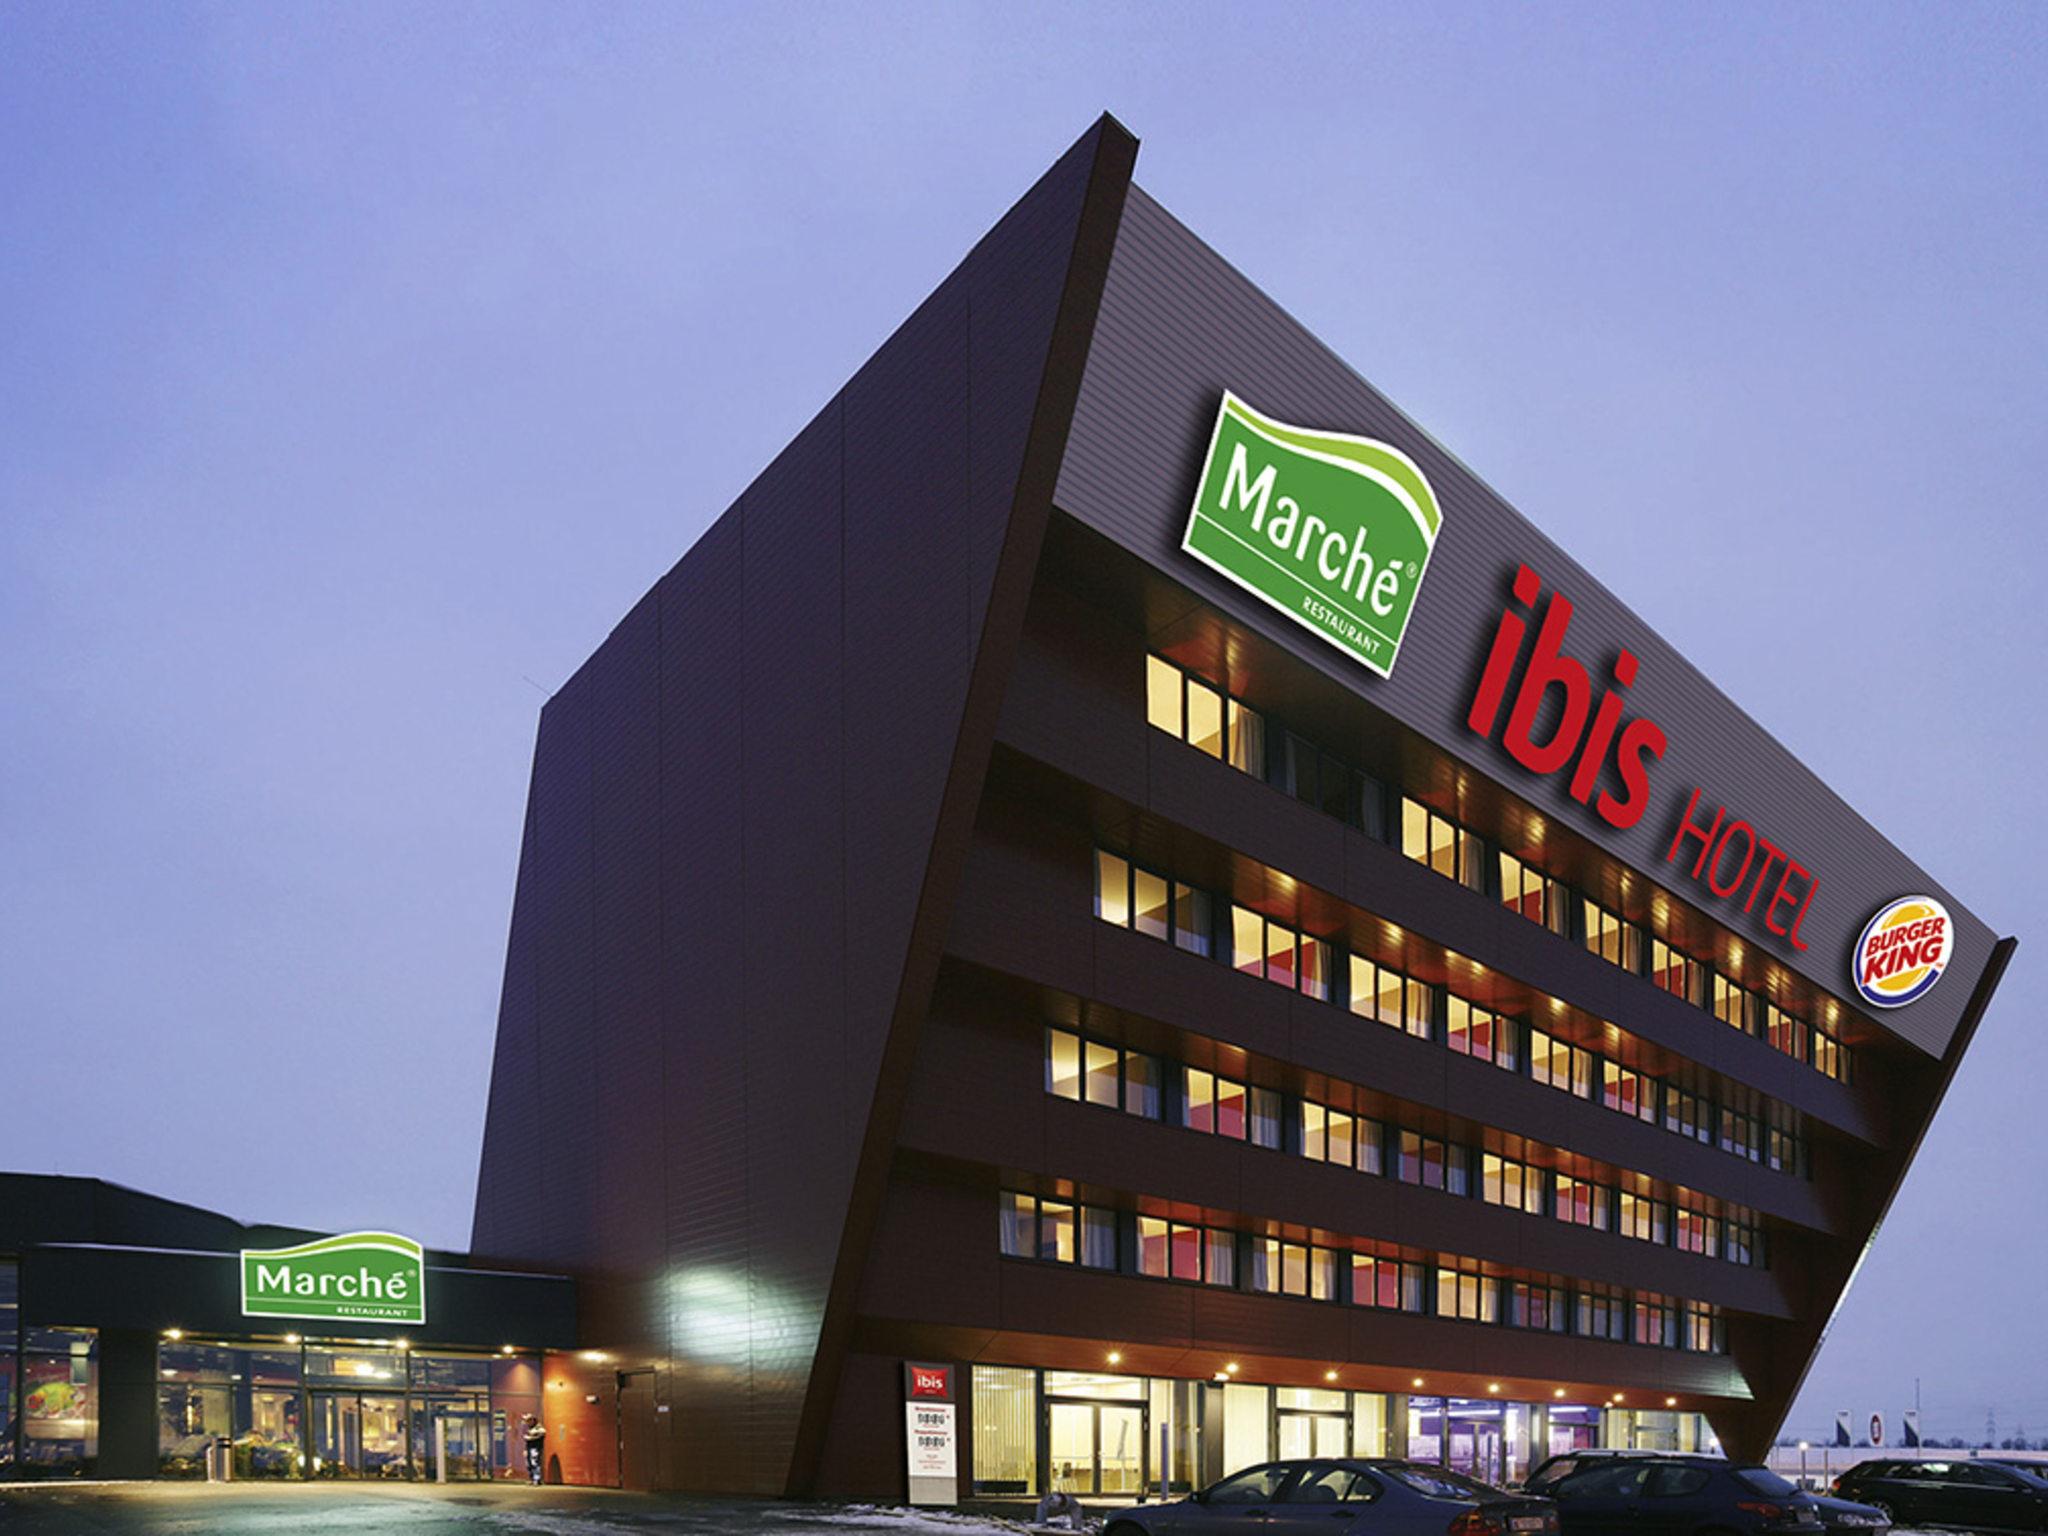 Ibis Hotel Hamburg Airport